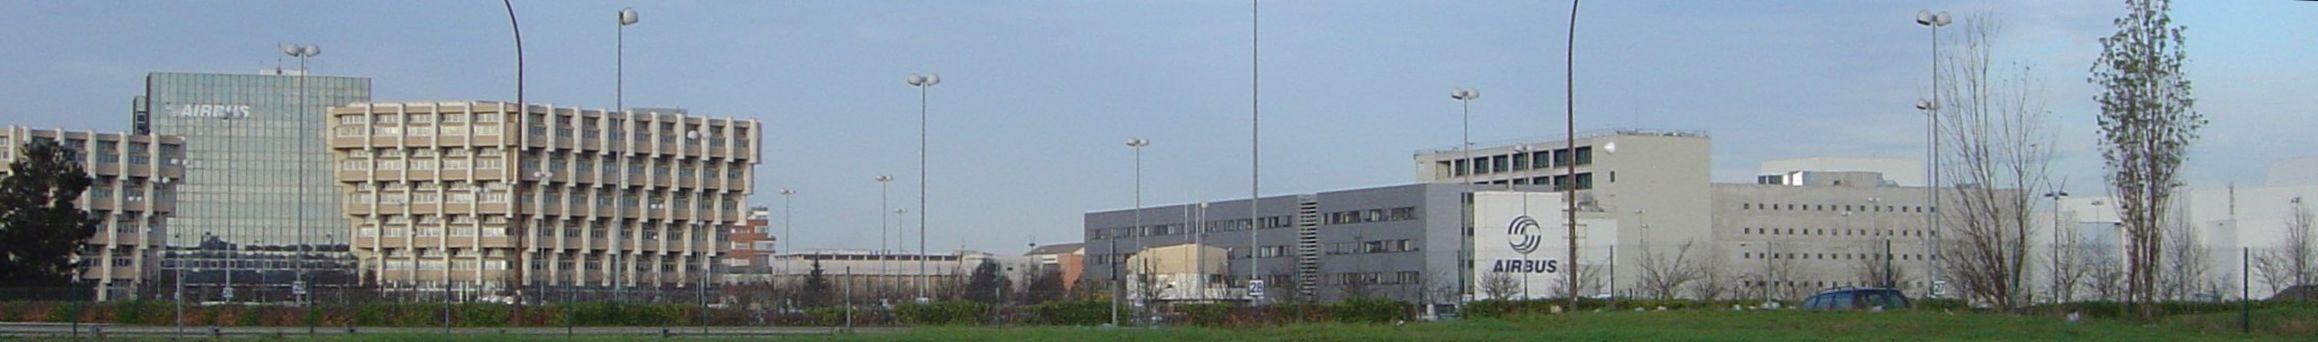 airbus toulouse plant entrance dsc02696.jpg